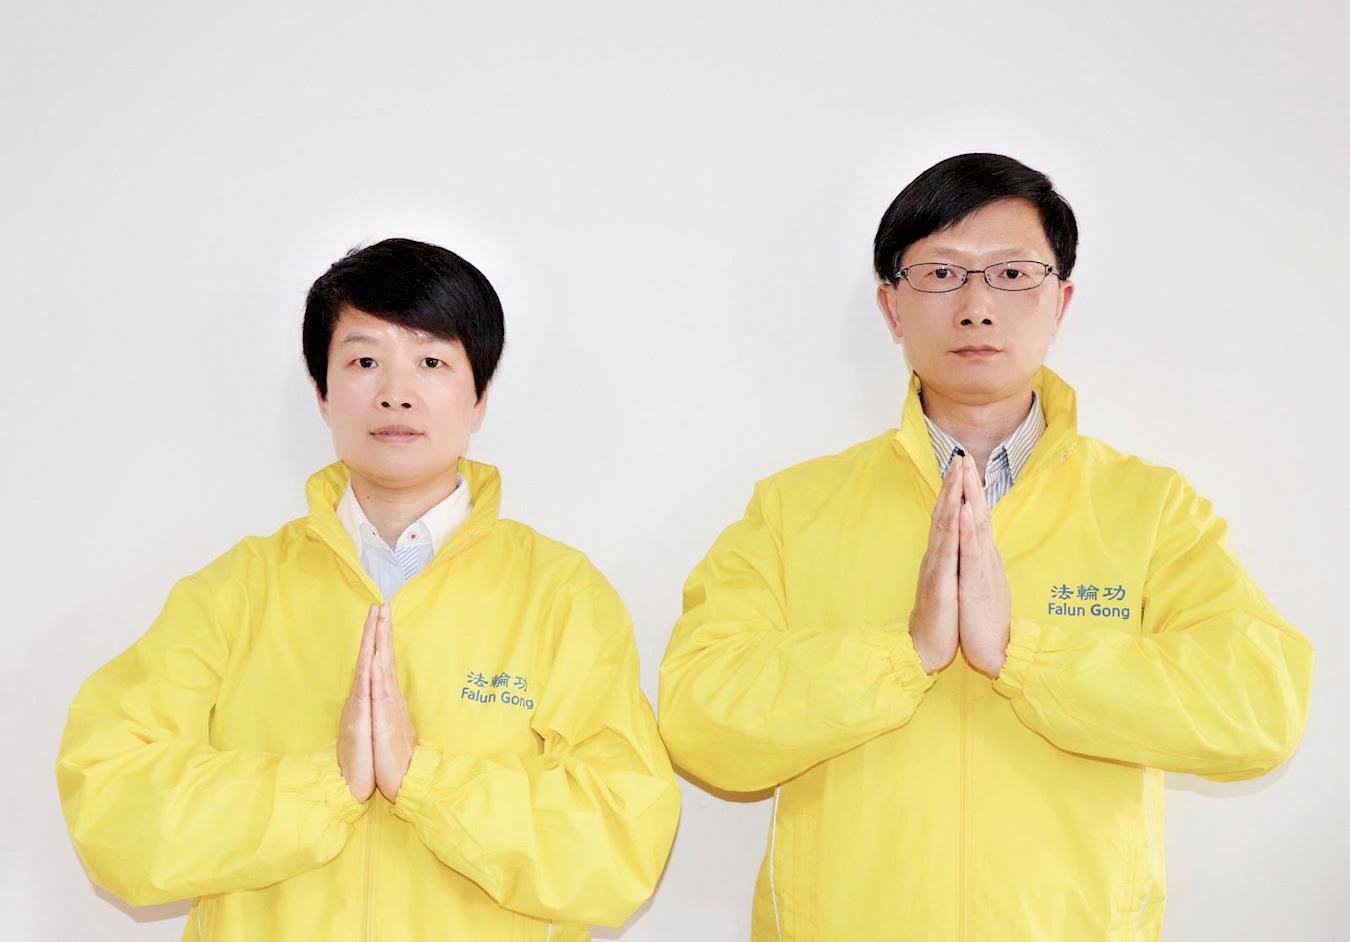 劉先生和太太吳女士。(明慧網)爭,隨其自然。」